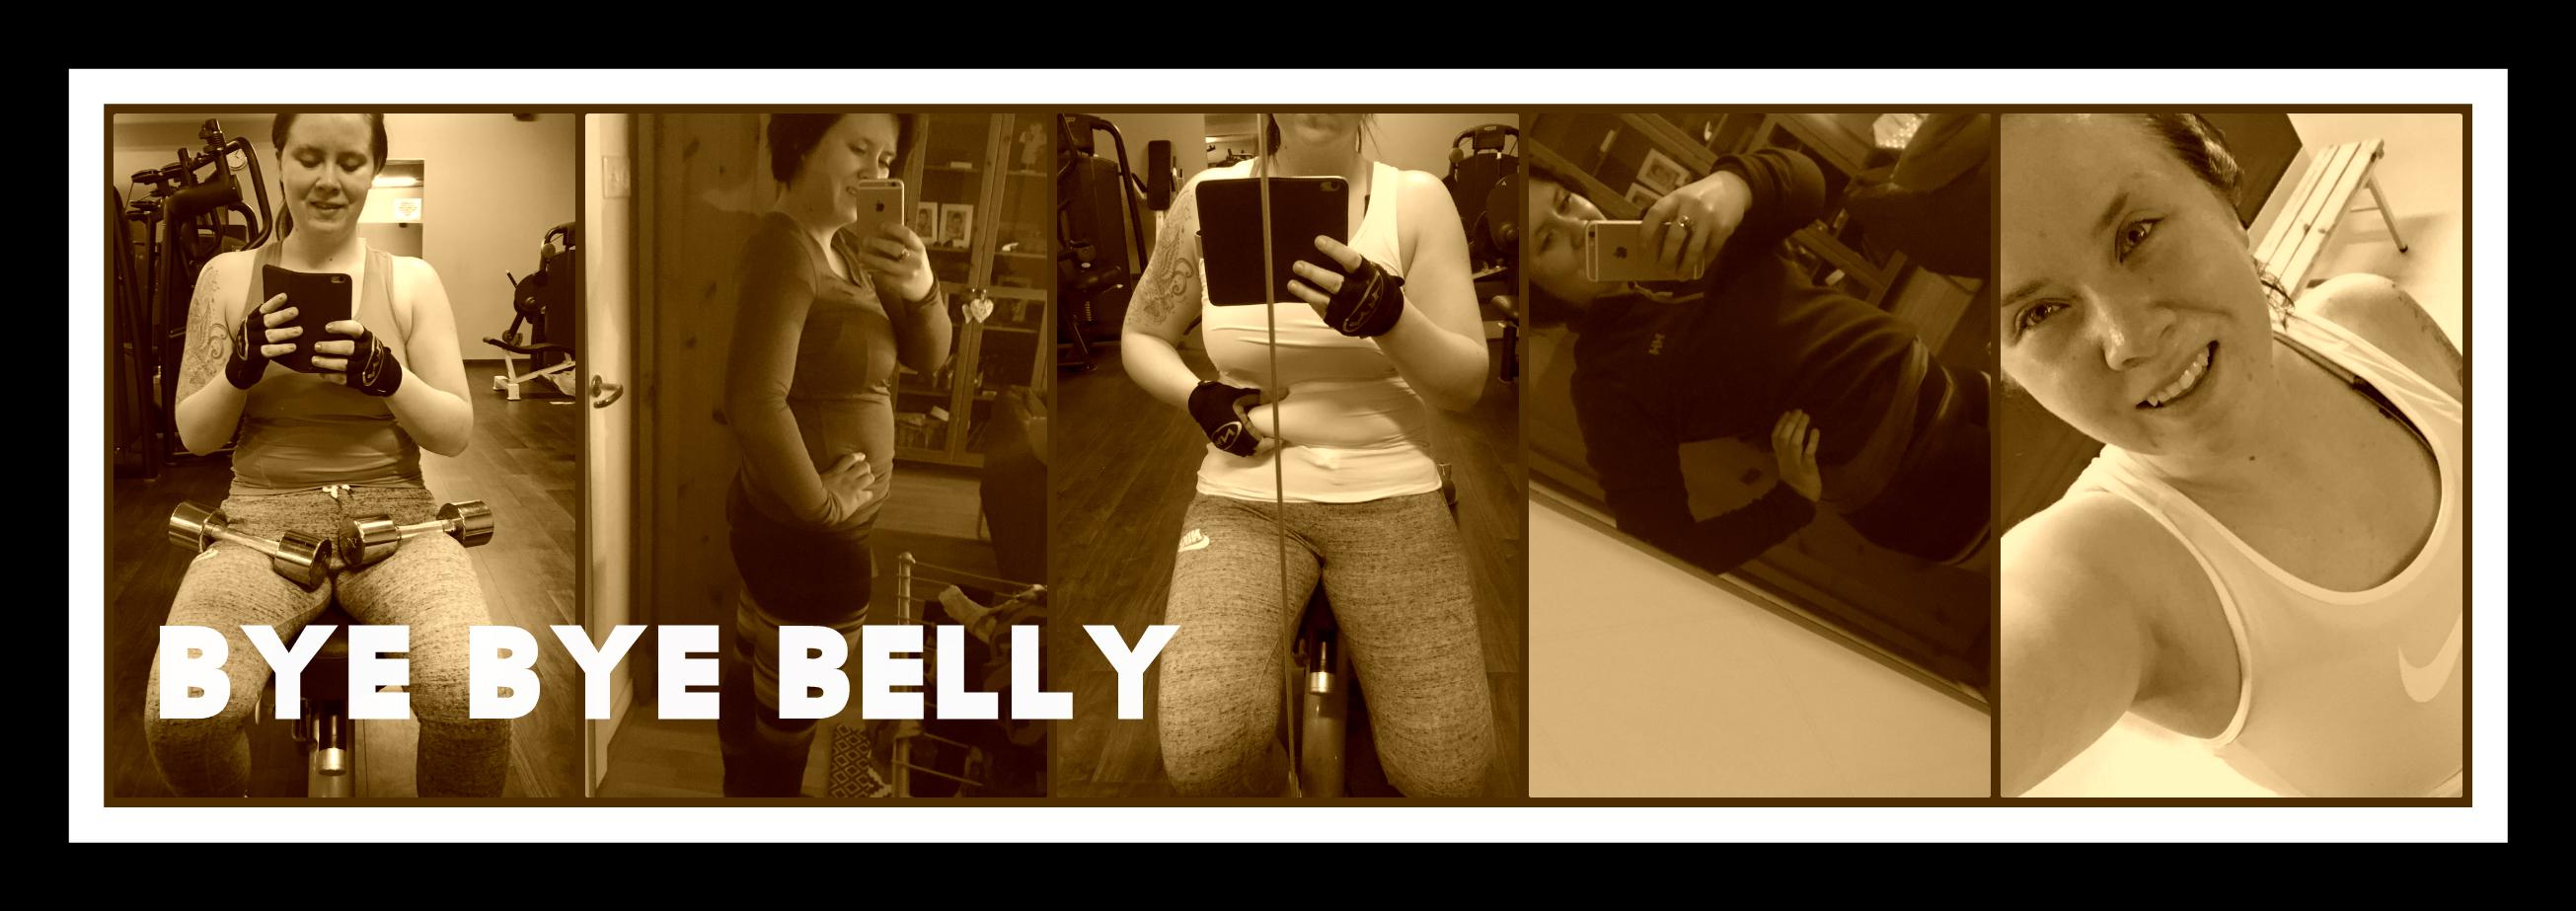 Bye Bye Belly